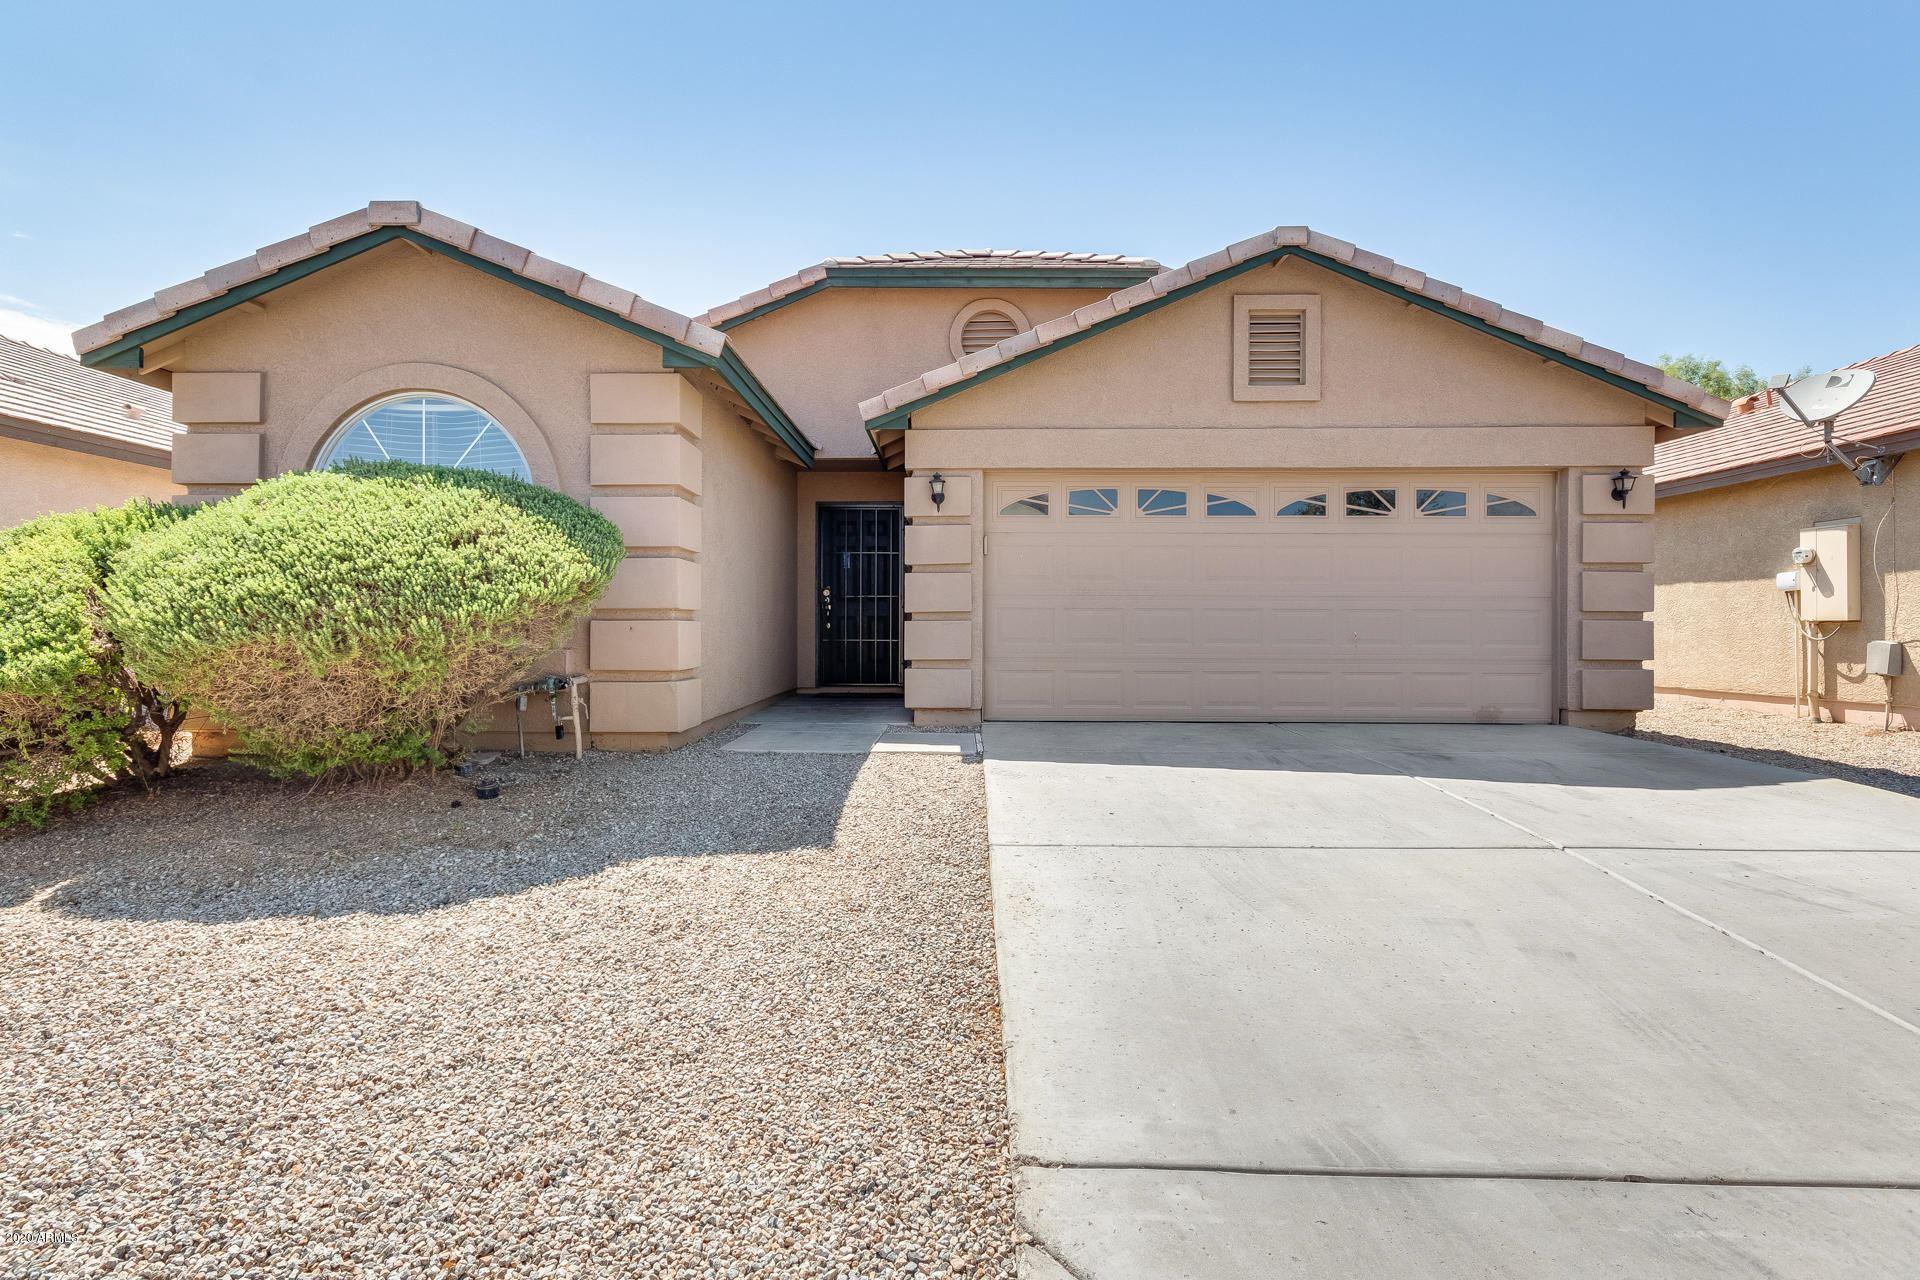 5212 S 29TH Lane, Phoenix, AZ 85041 - MLS#: 6118433